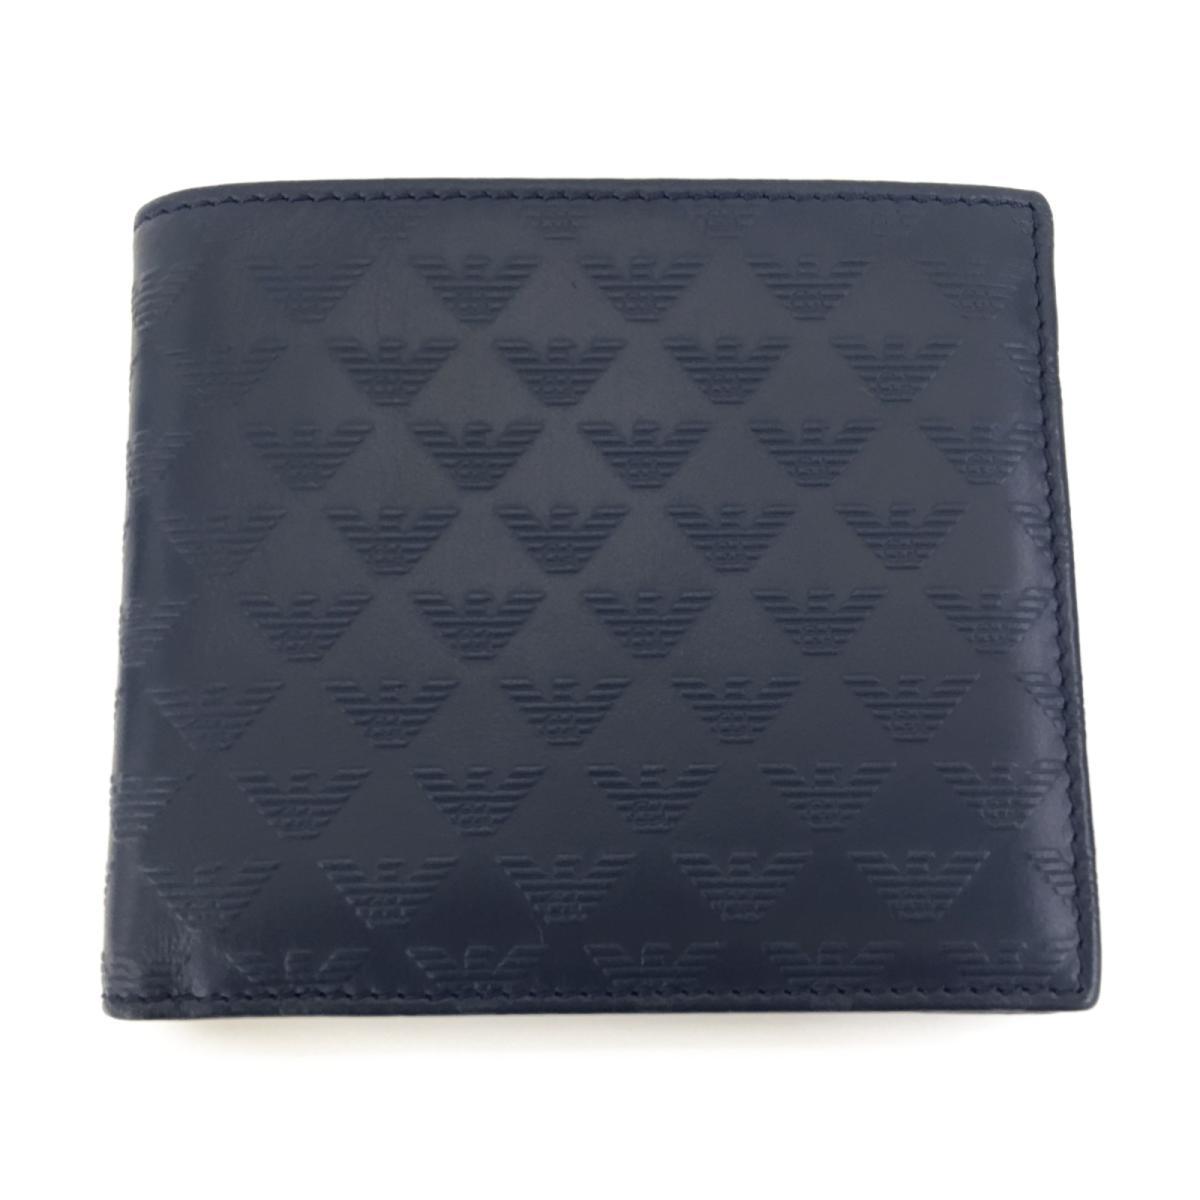 【おすすめ!】二つ折り財布/メンズ 財布